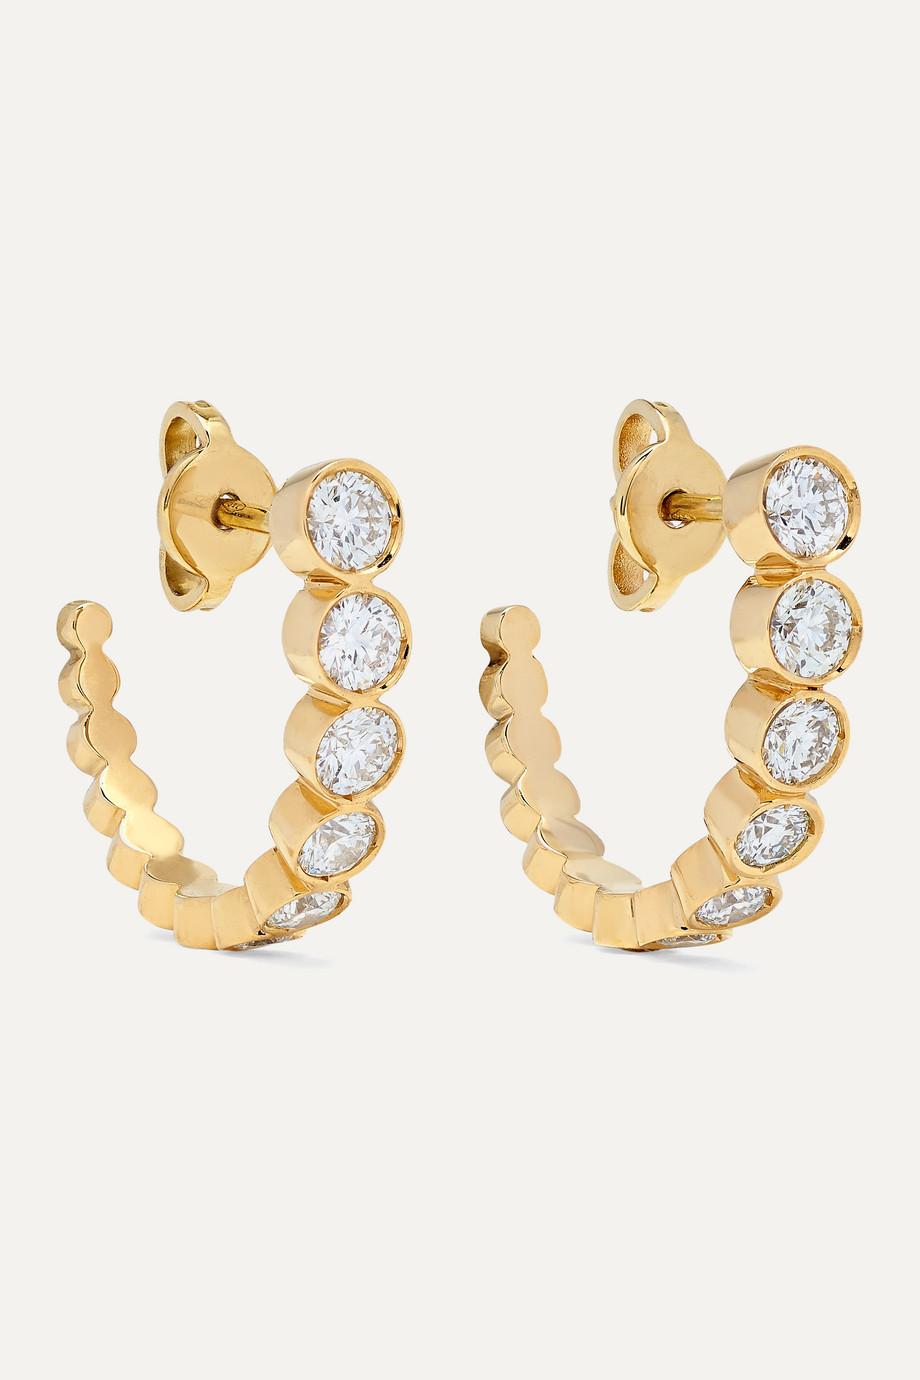 Sophie Bille Brahe Boucles d'oreilles en or 18 carats et diamants Boucle Ensemble